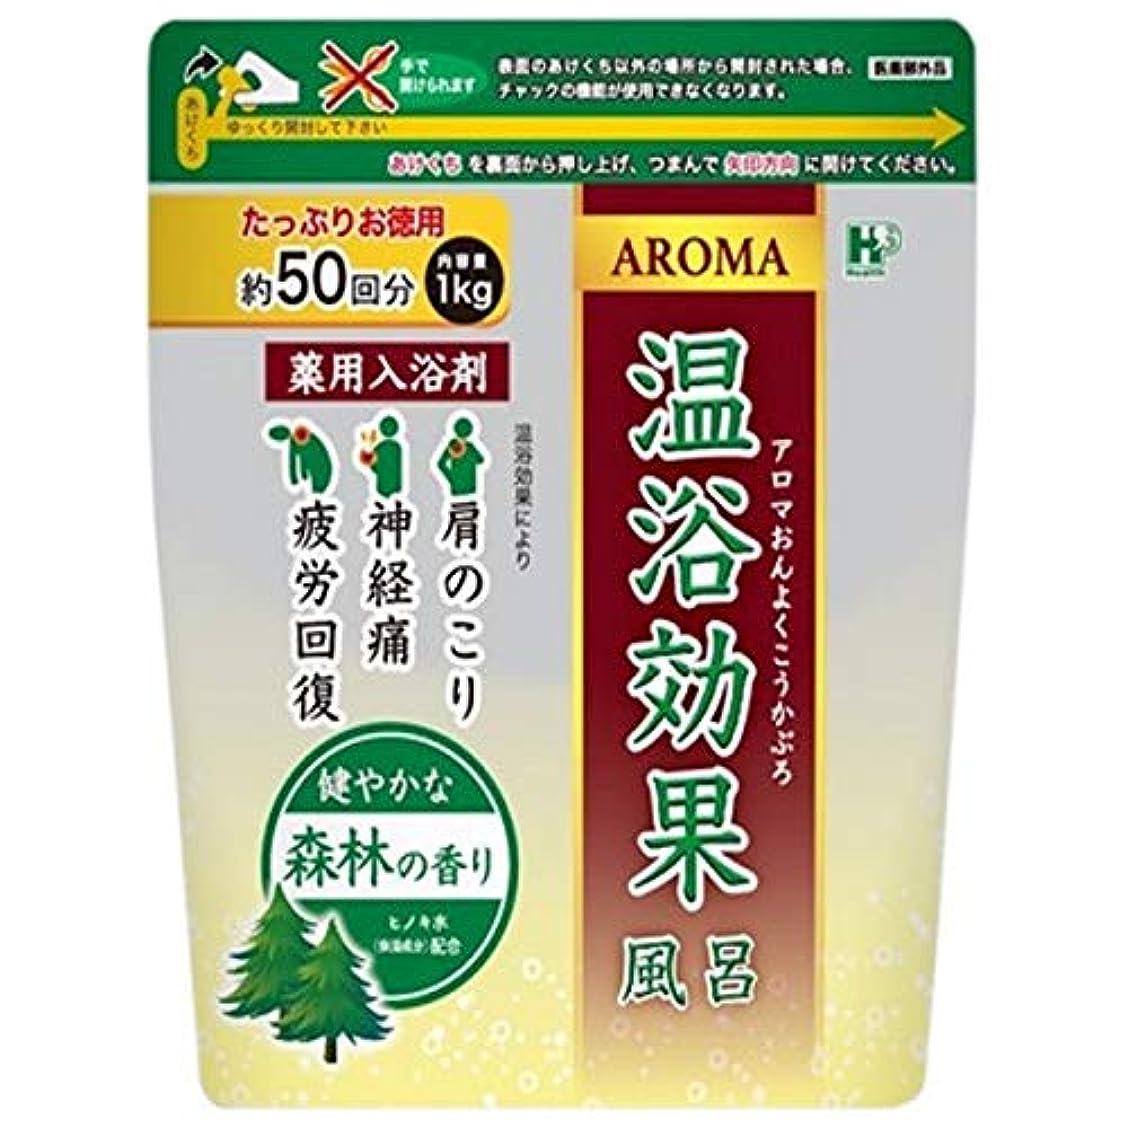 申請中通路収縮薬用入浴剤 アロマ温浴効果風呂 森林 1kg×10袋入